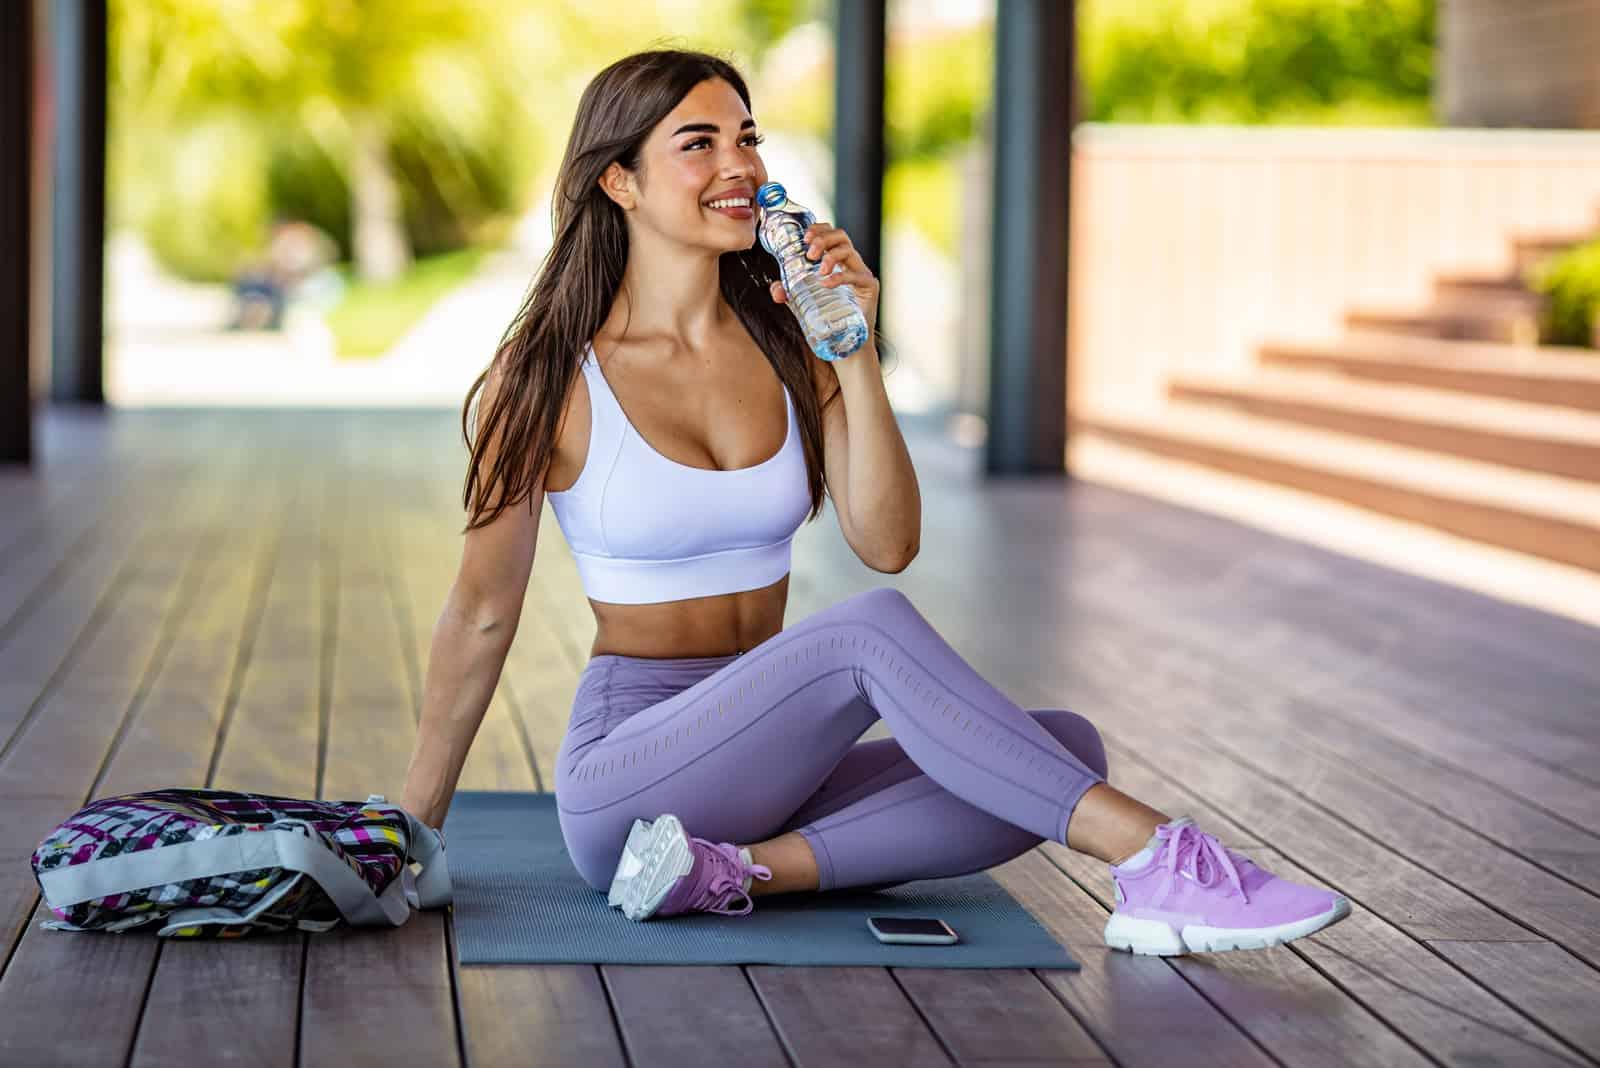 une femme est assise sur le sol en faisant de l'exercice et en buvant de l'eau